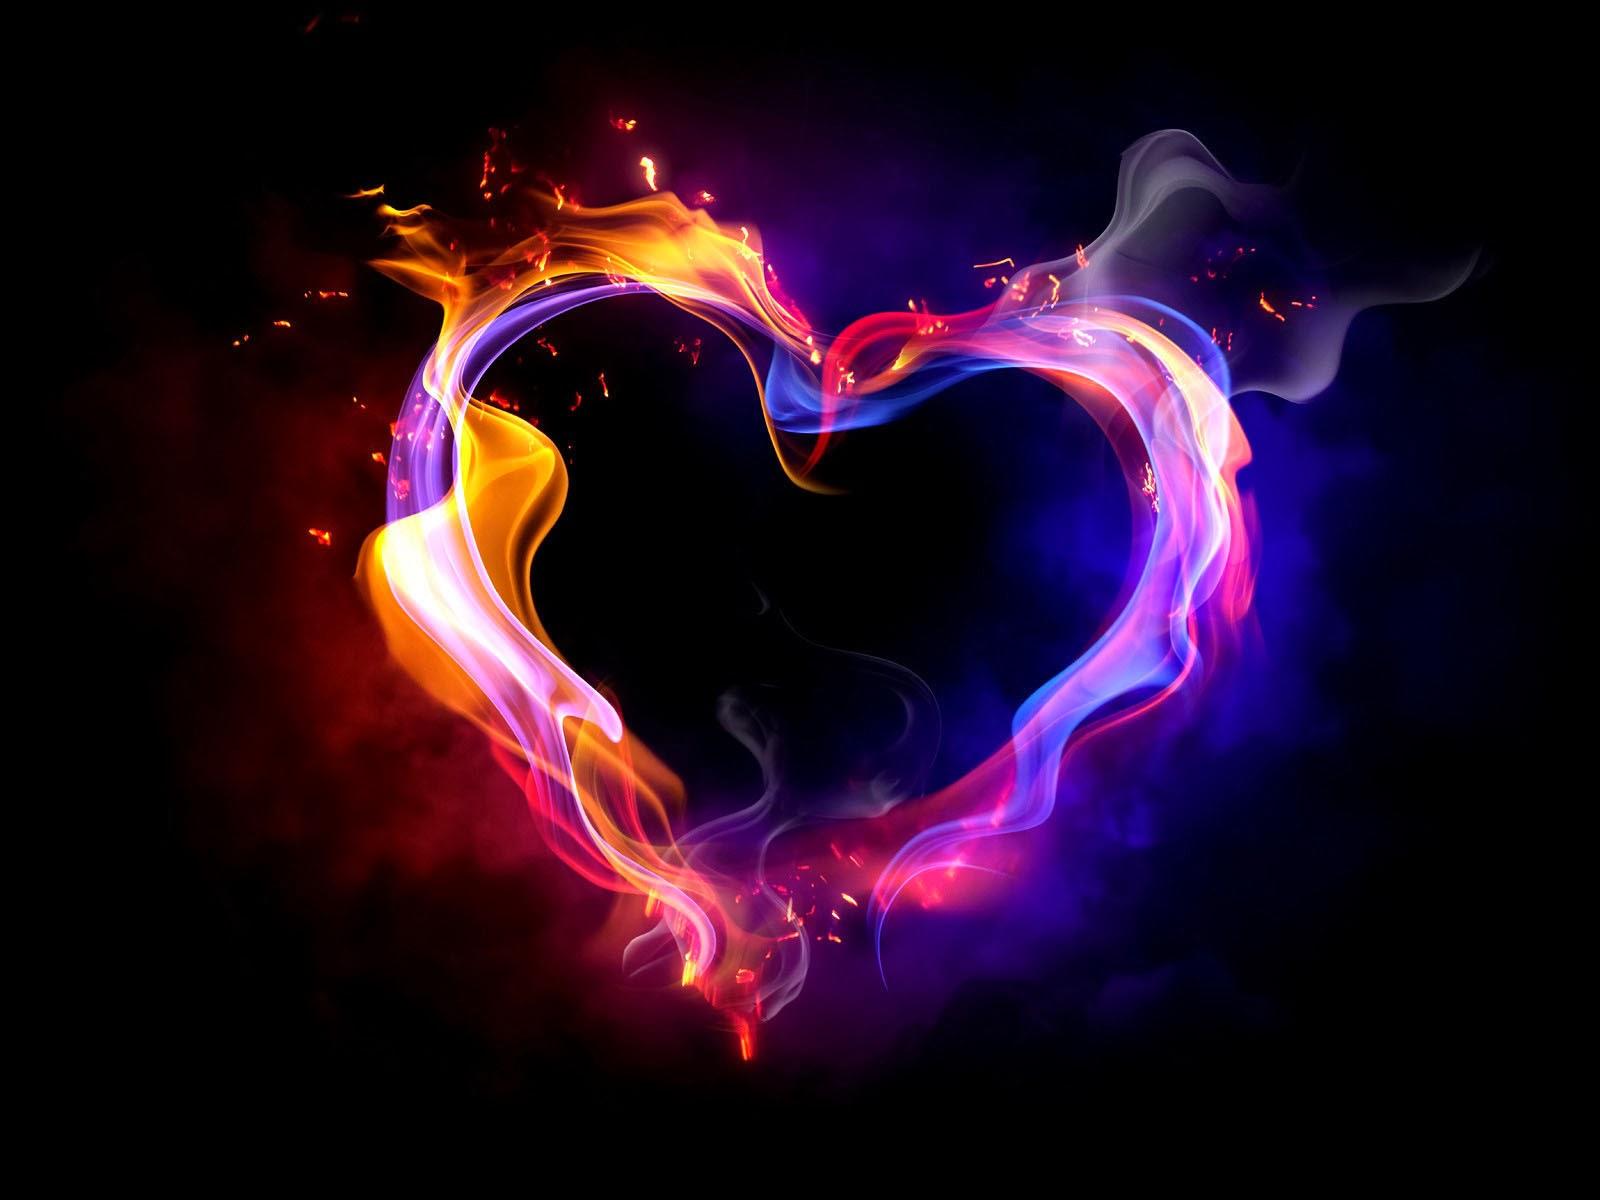 Ảnh nền trái tim 3D